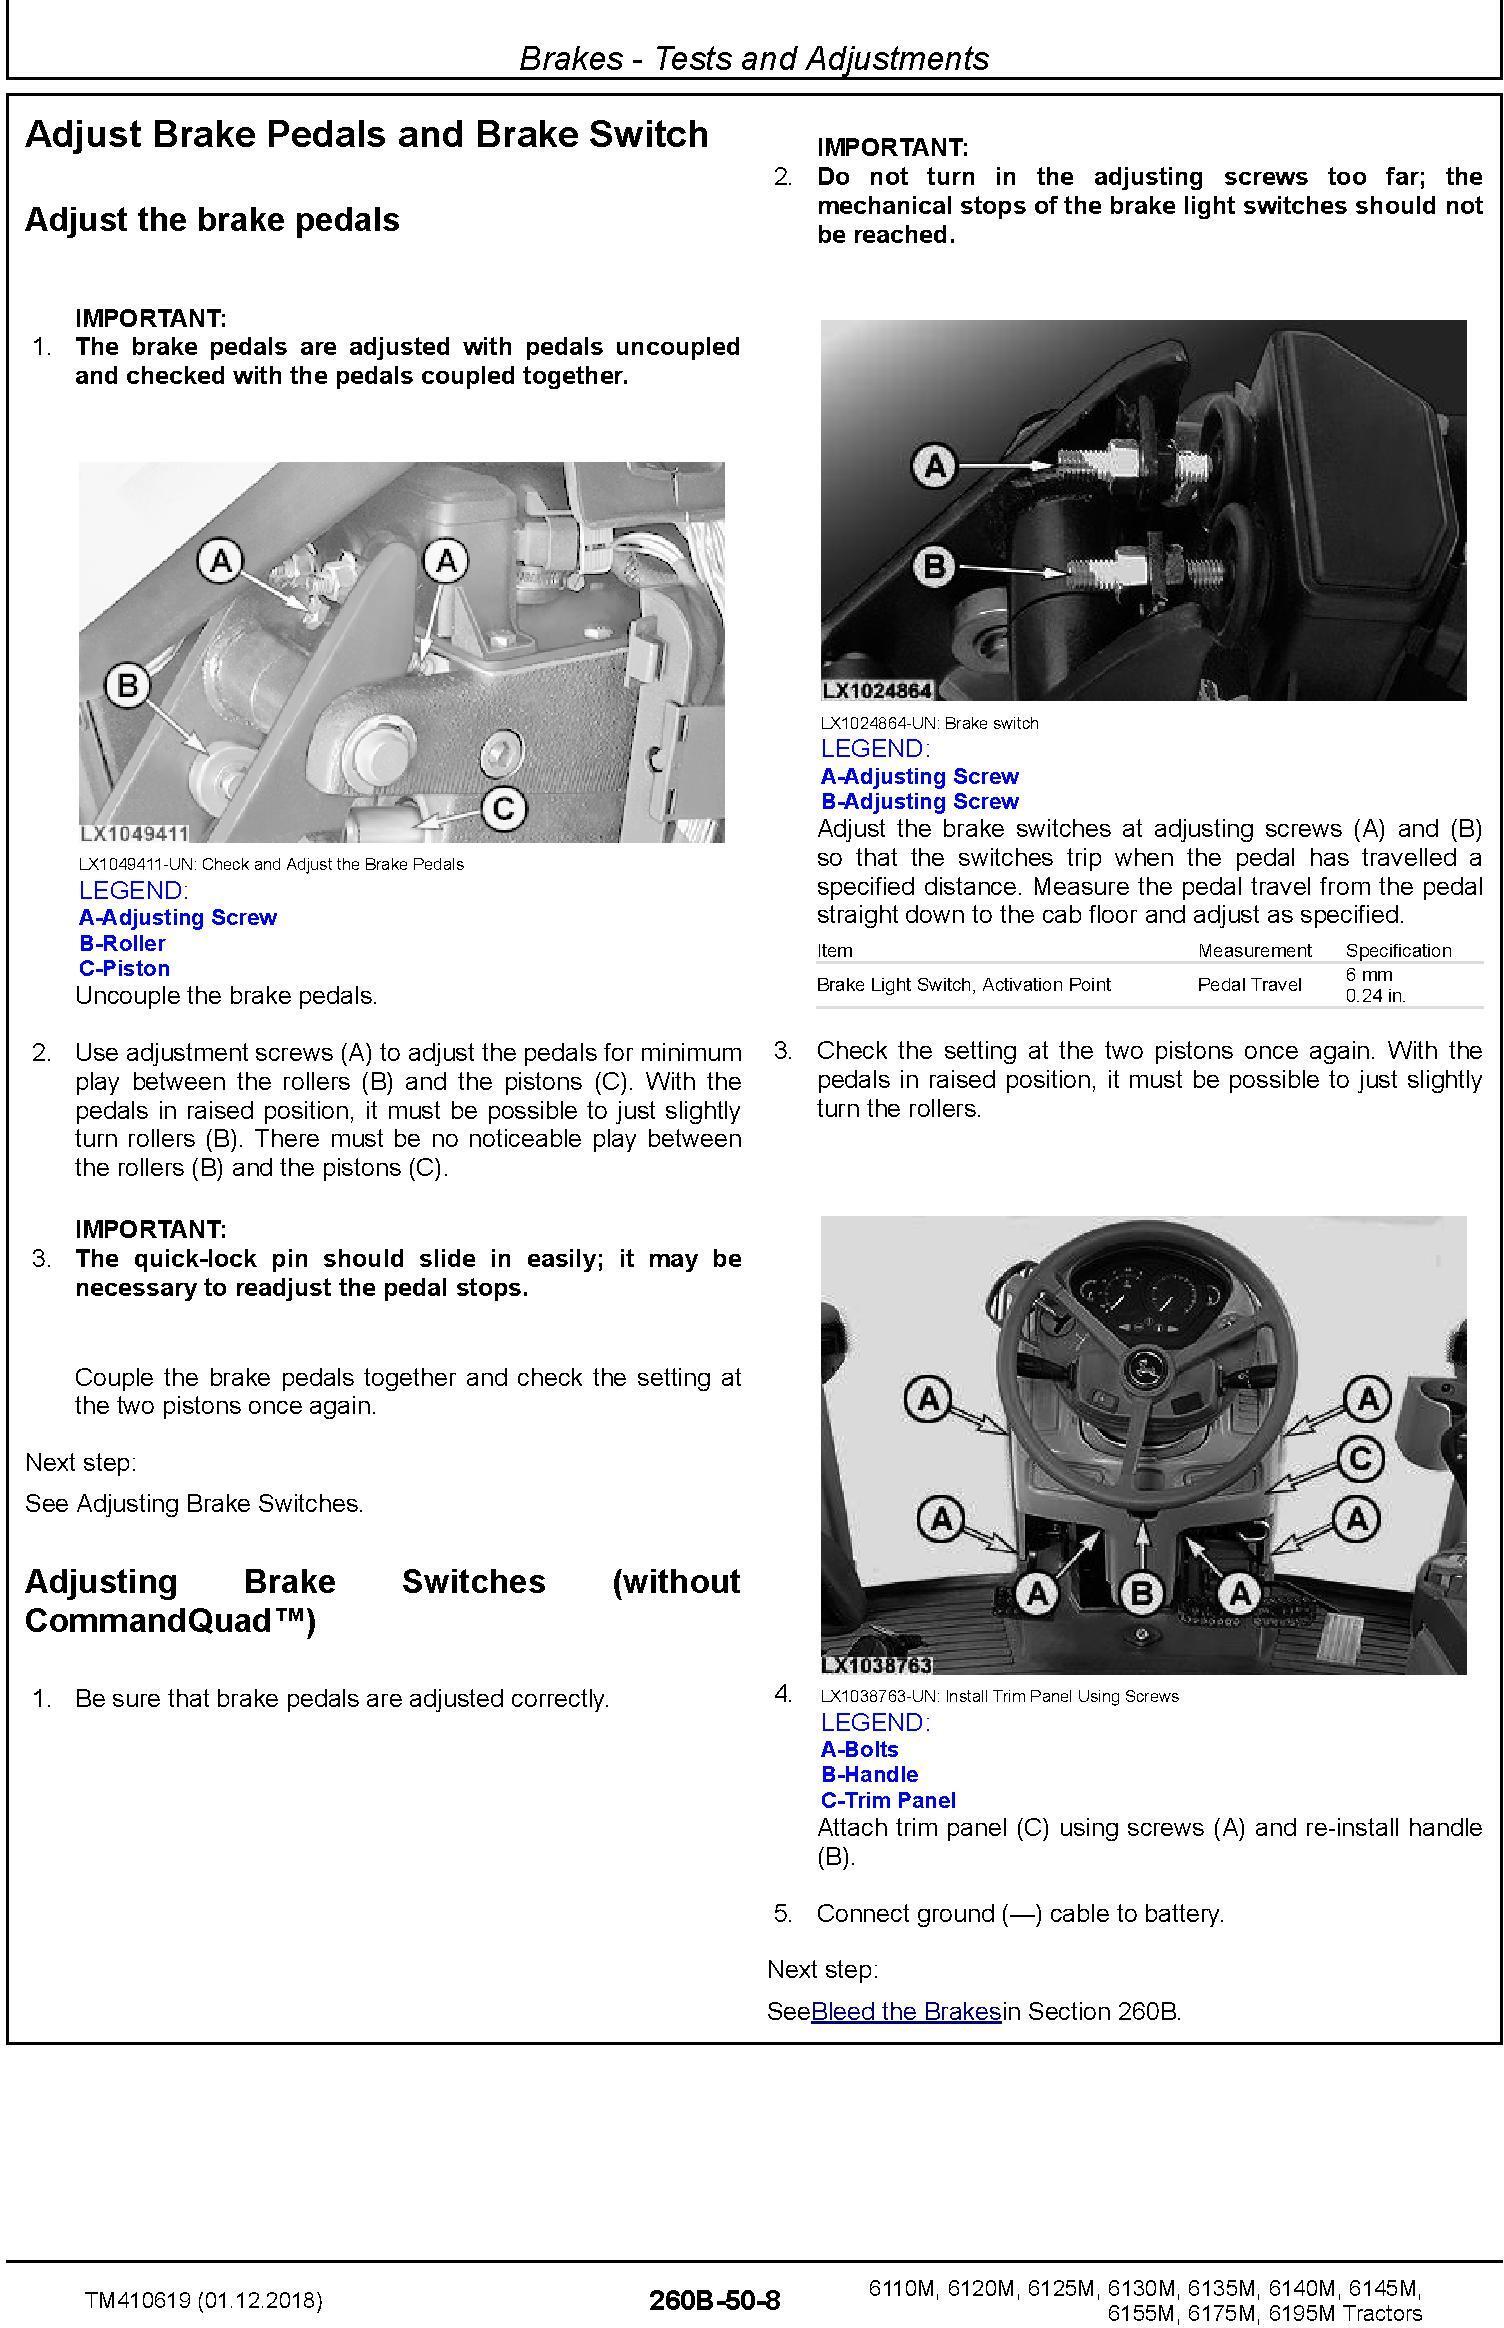 John Deere 6110M/20M 6130M/40M 6125M/35M 6145M/55M 6175M 6195M Tractors Diagnostic Manual (TM410619) - 3